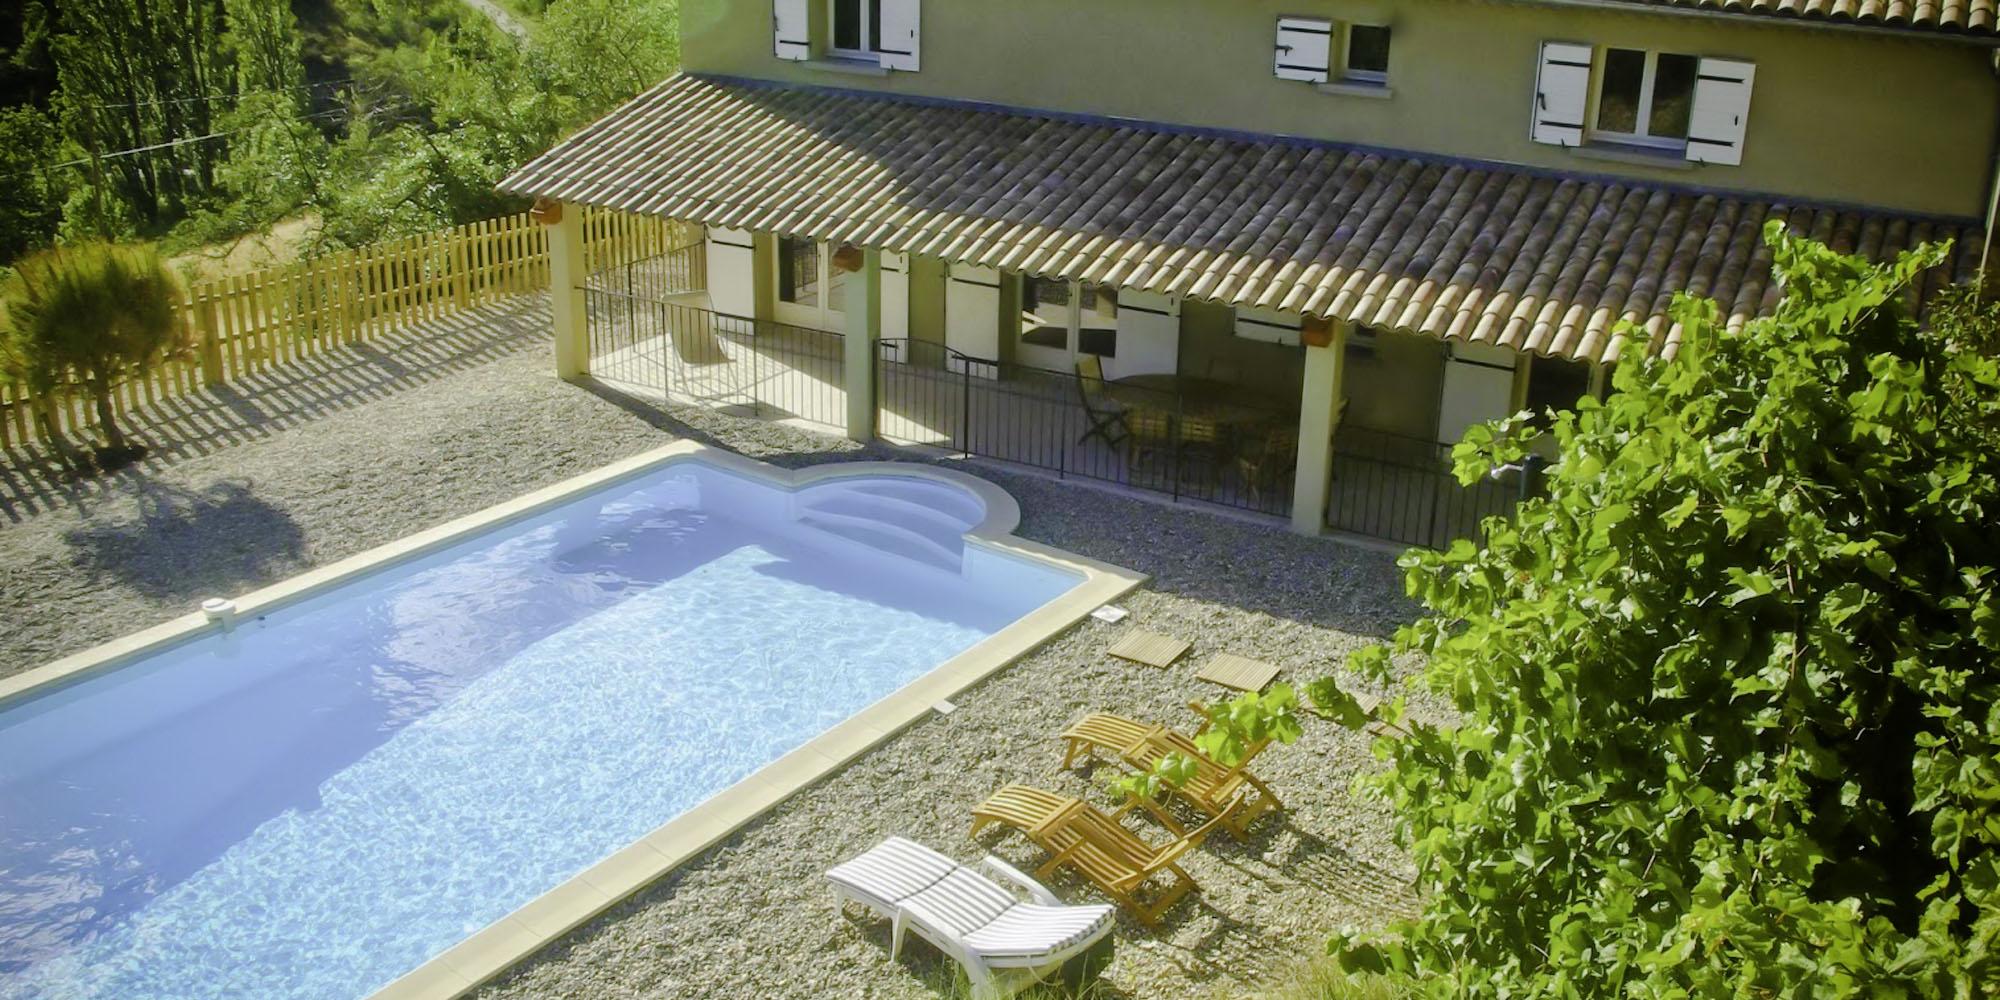 Attractive THE GÎTE | Gîte Drôme Provençe Capacité 6 Personnes Piscine Jardin Terrasse